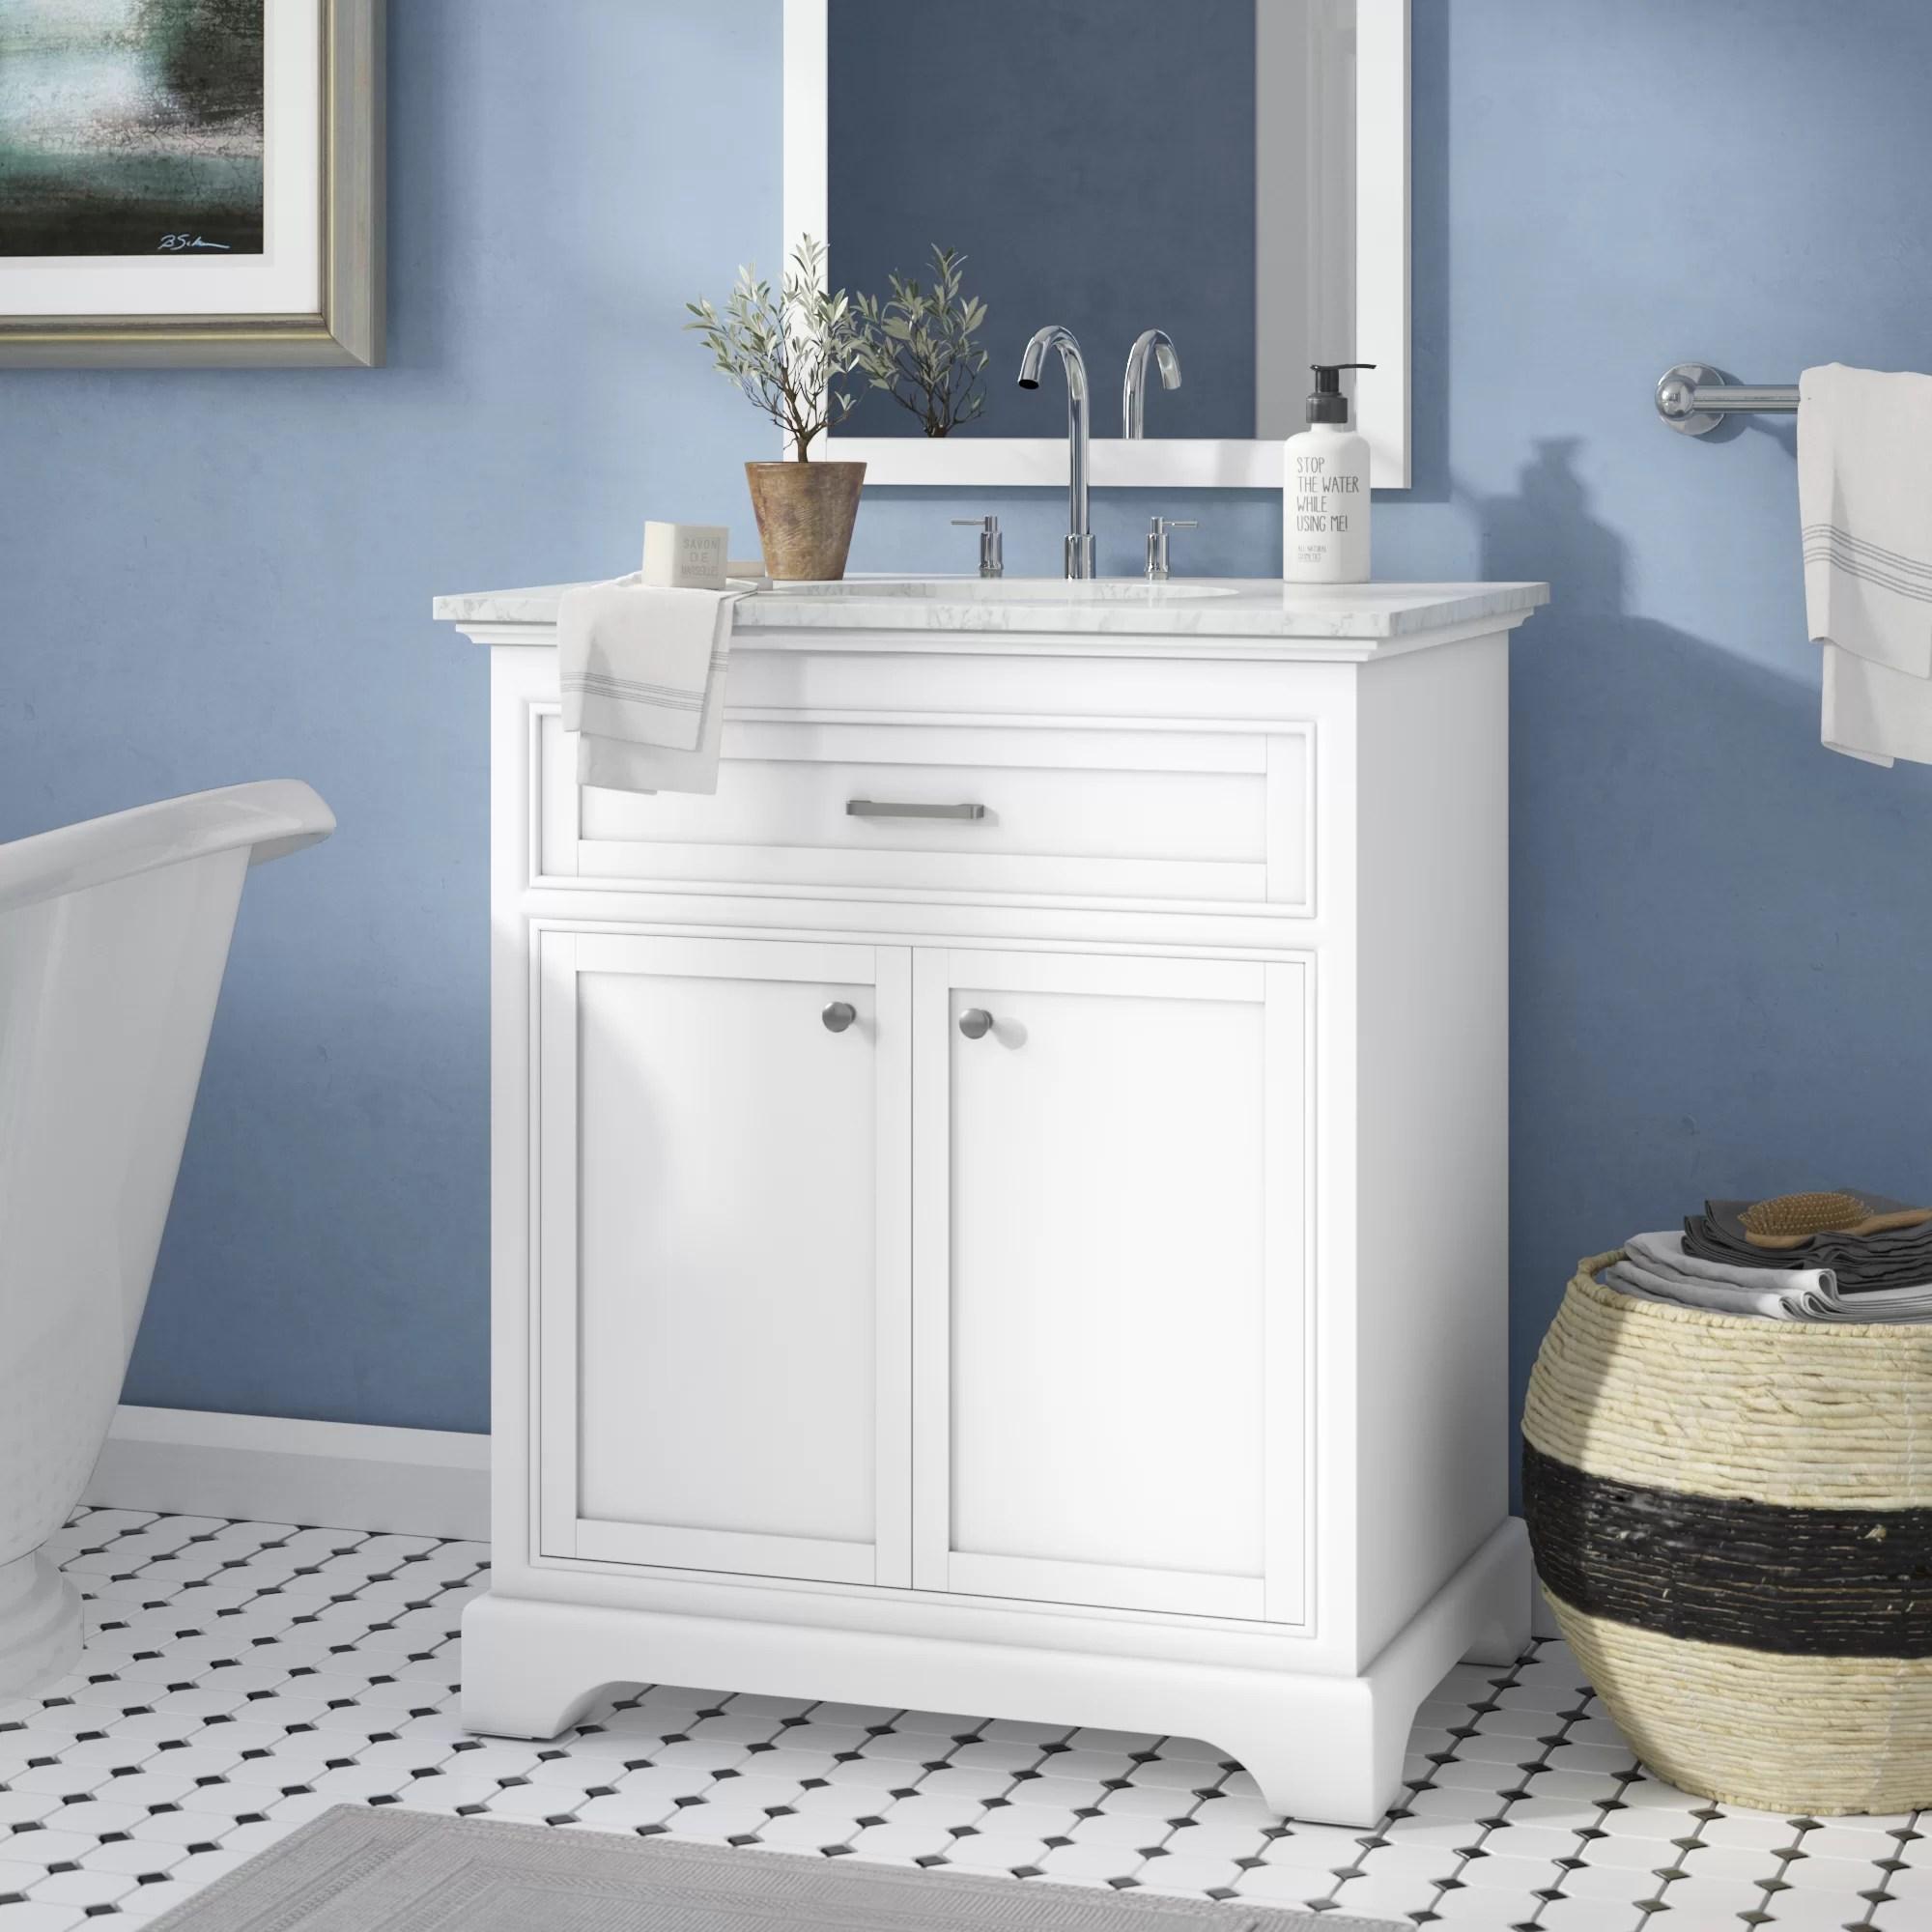 Darby Home Co Darry 30 Single Bathroom Vanity Set Reviews Wayfair